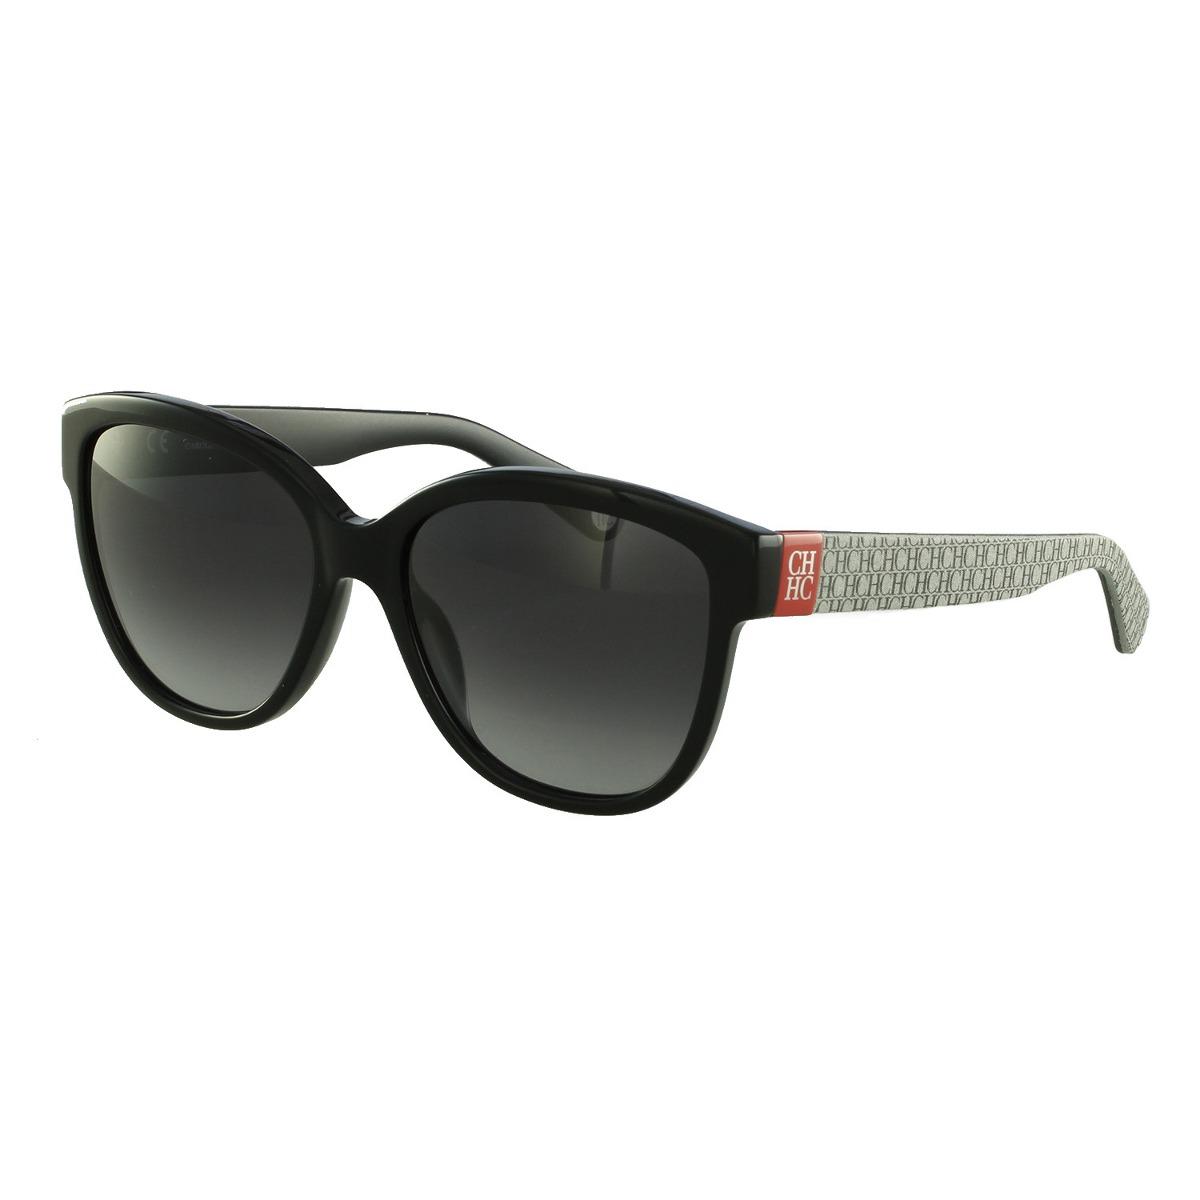 d5484e4092a48 Óculos De Sol Carolina Herrera Casual Preto - R  620,00 em Mercado Livre